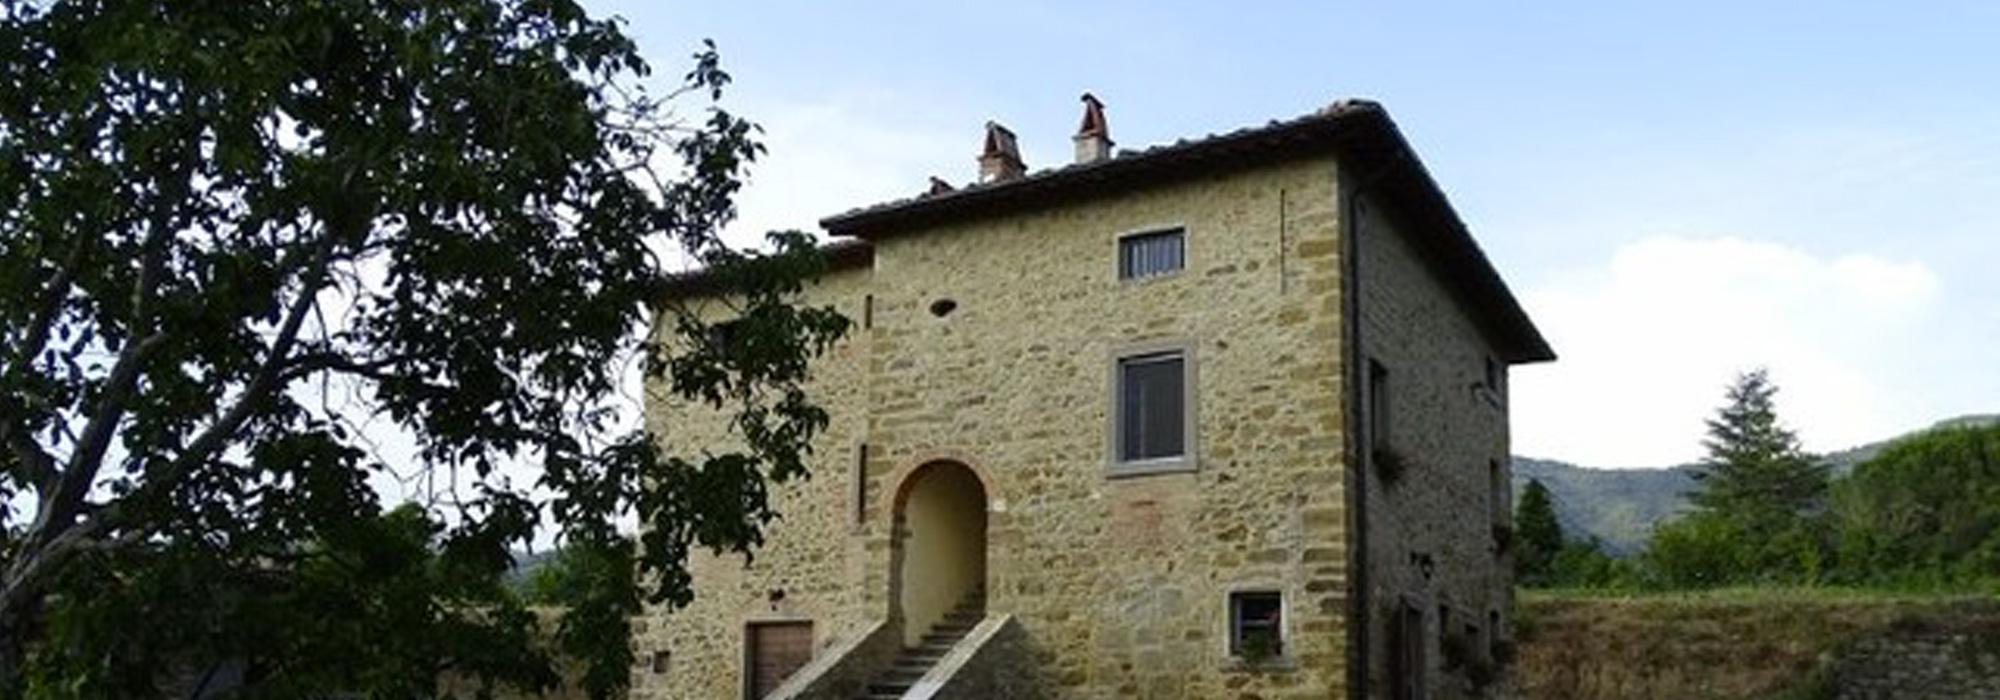 Rustico, Casale in Vendita a Castiglion Fiorentino